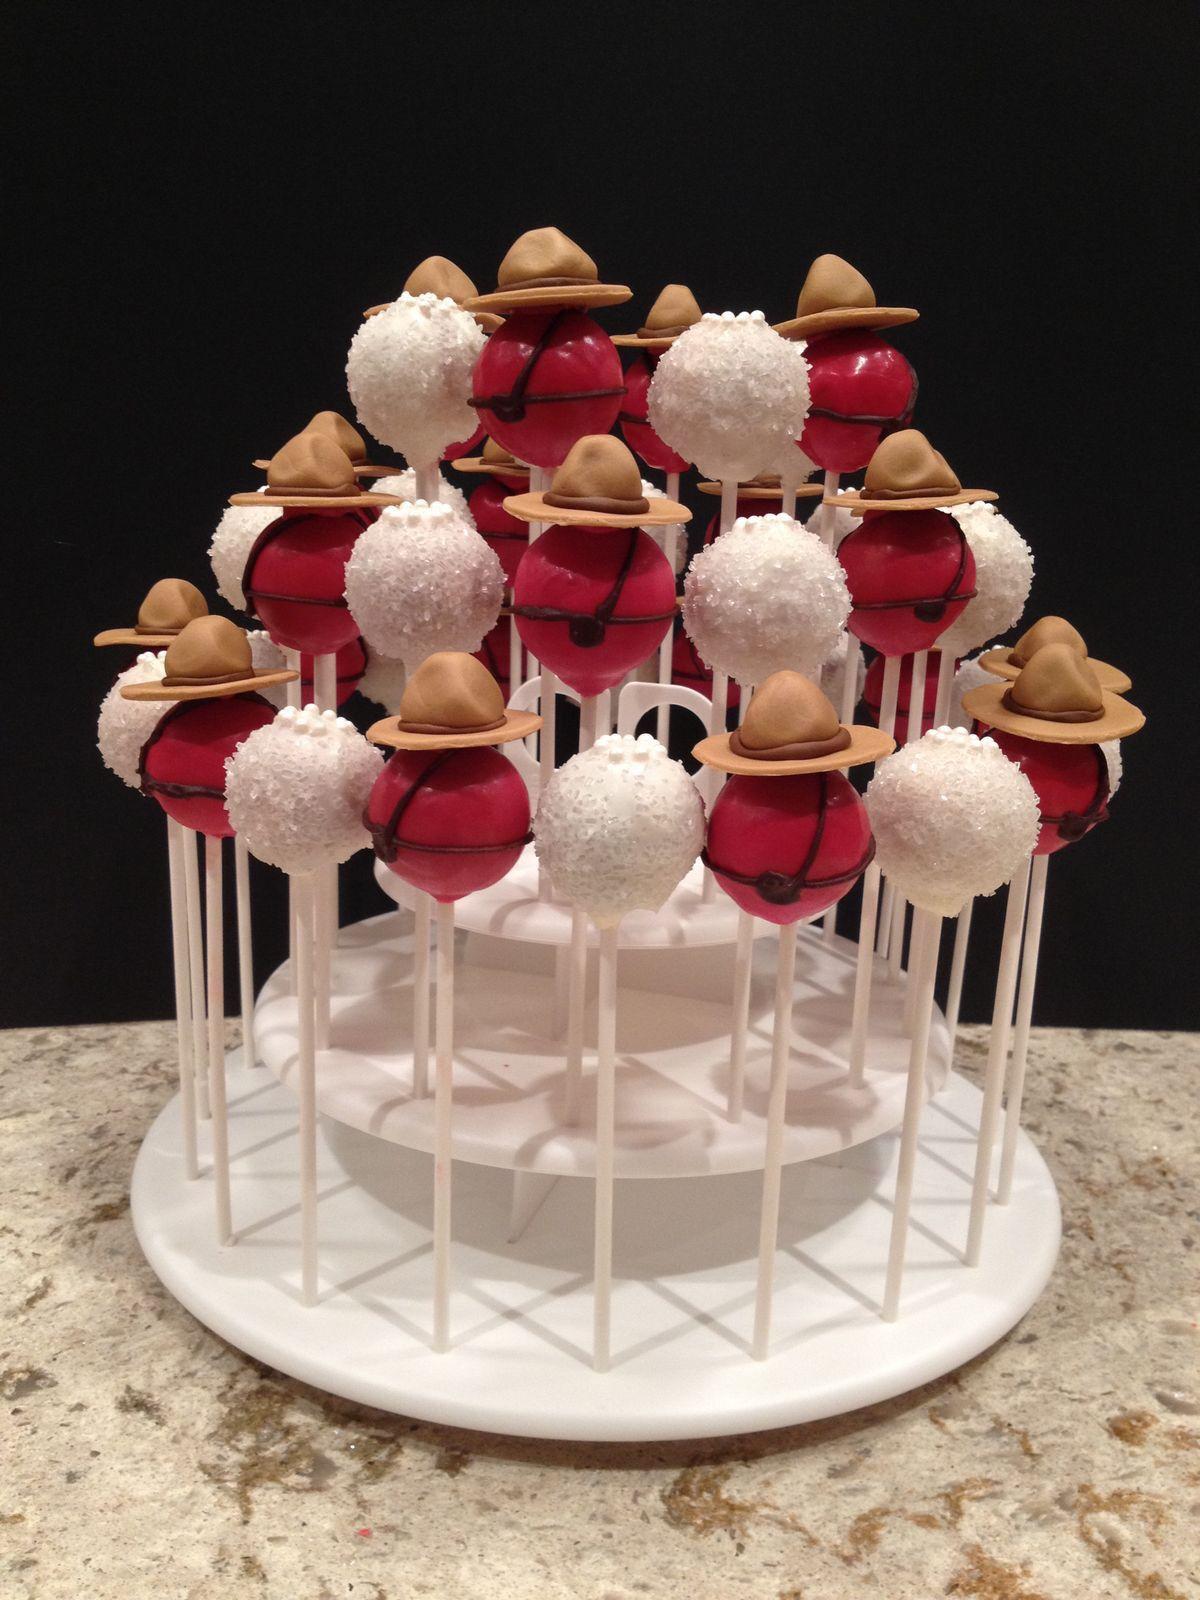 33+ Wedding cake pops images information